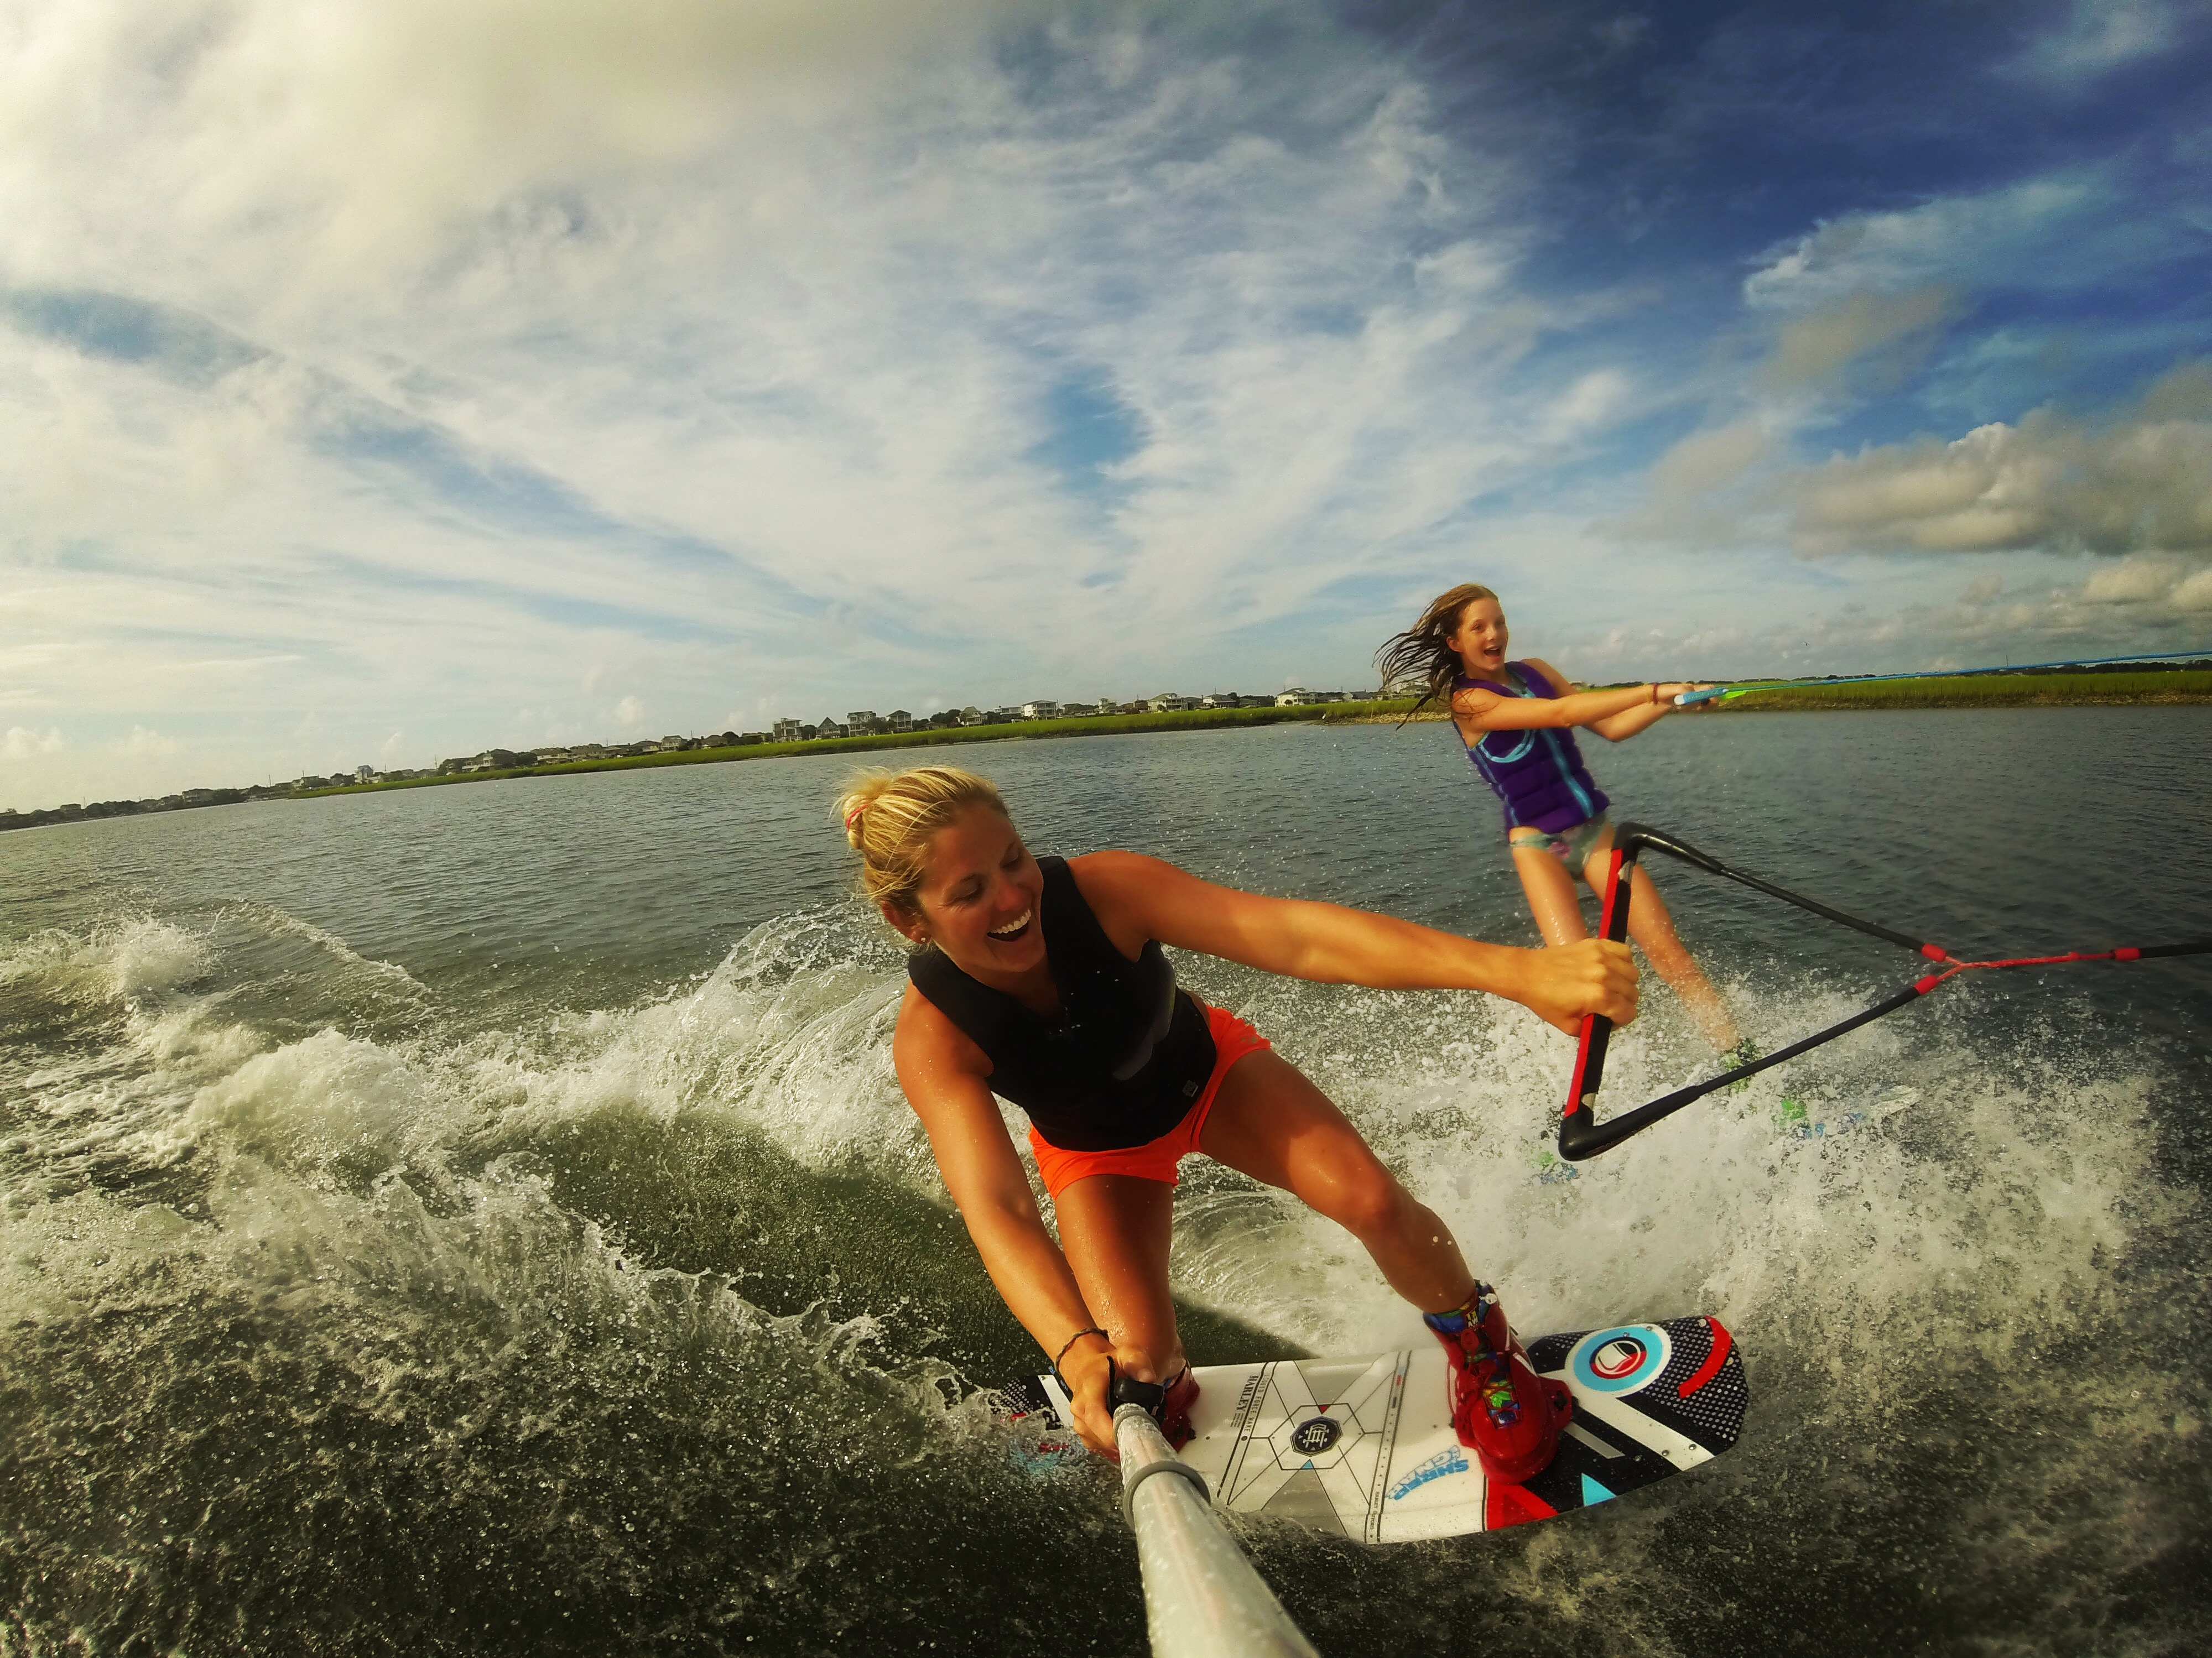 Kara riding doubles with Saylor